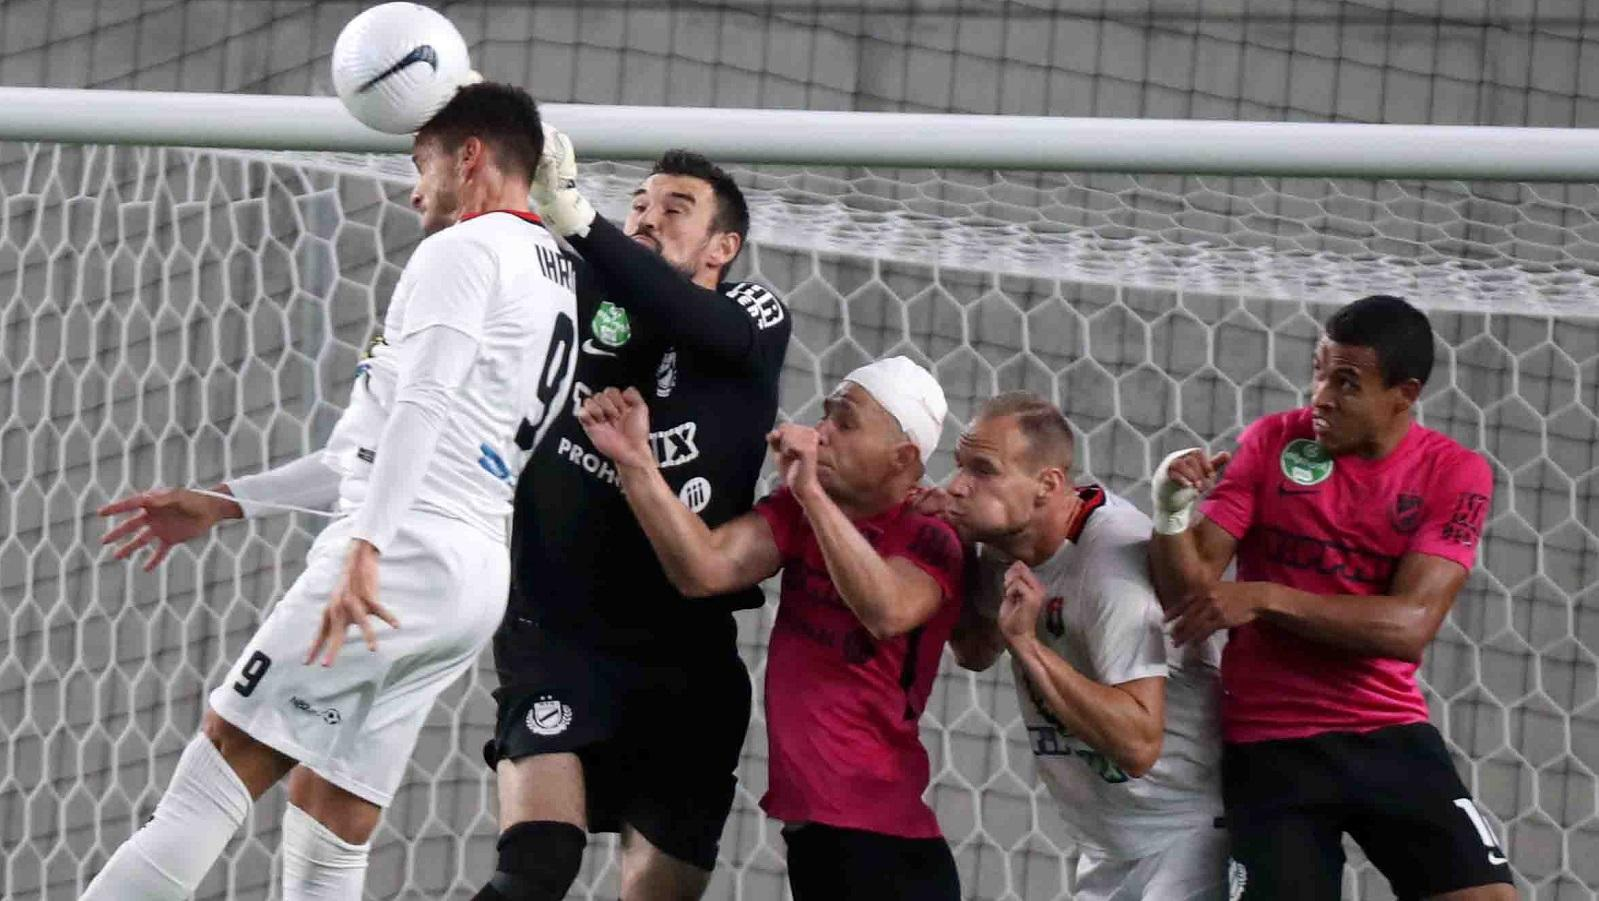 Képgaléria: MTK Budapest - Budafoki MTE 1-2 (0-1)